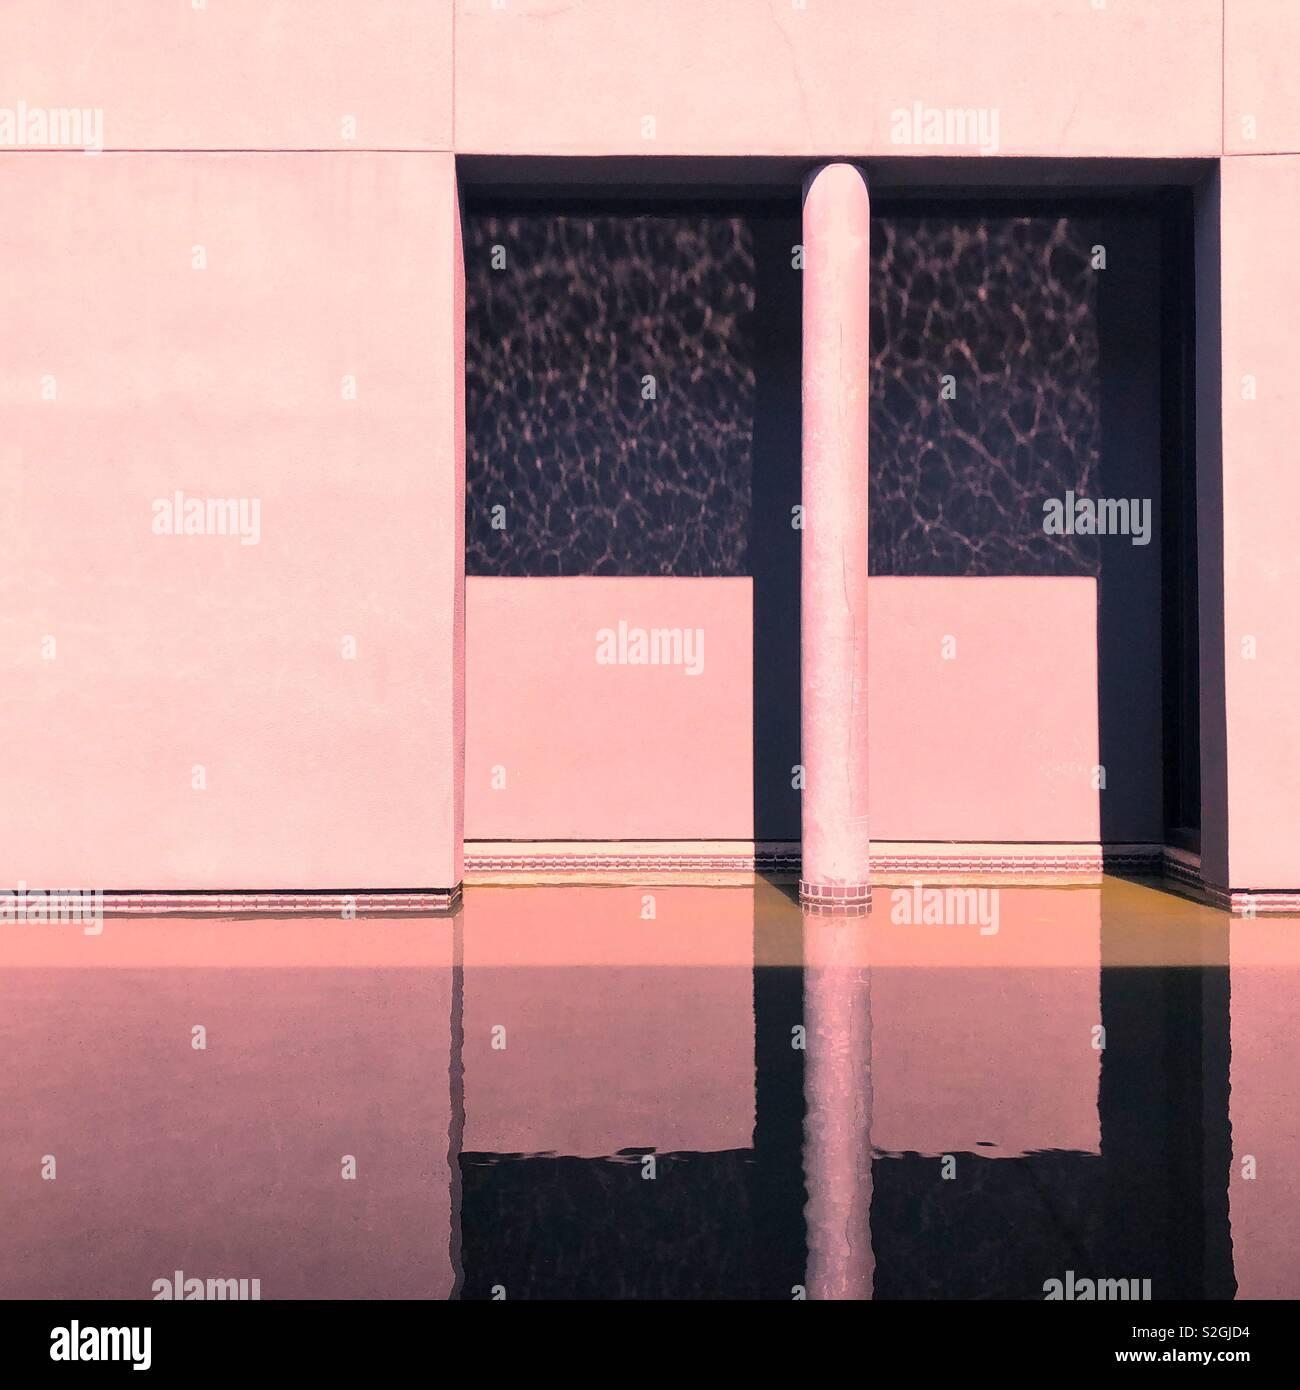 Résumé La réflexion architecturale Banque D'Images